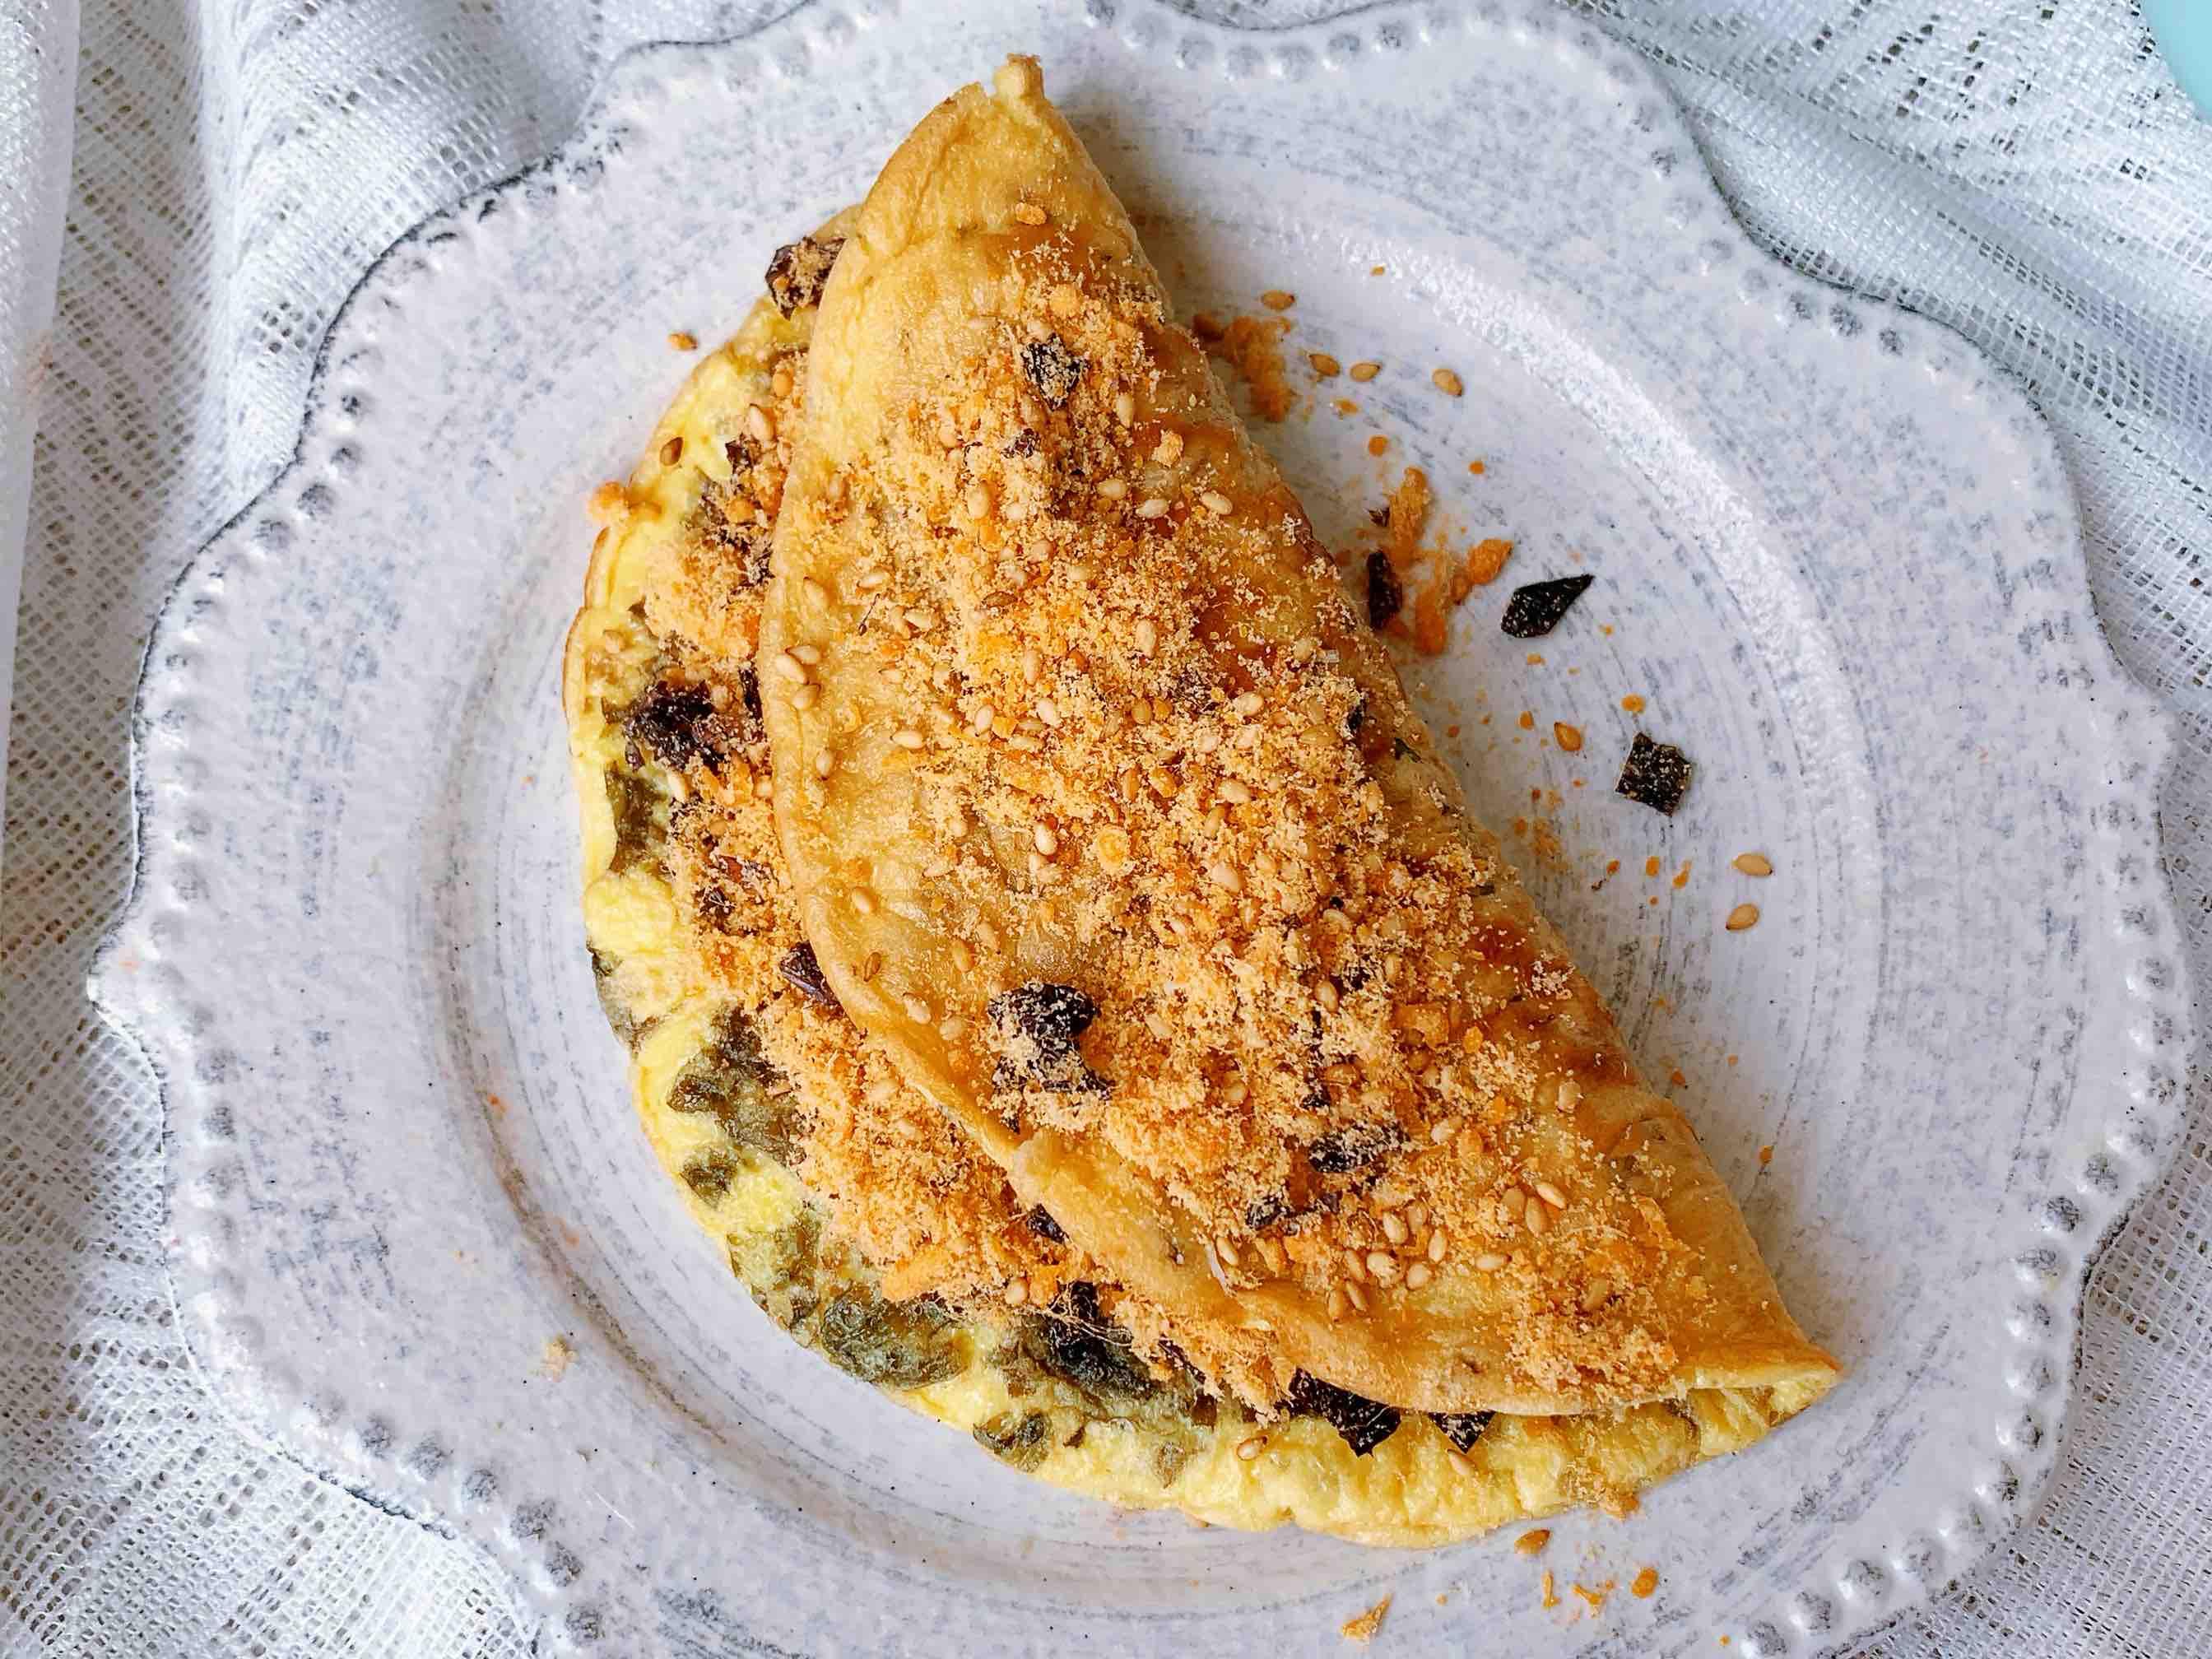 香嫩无比的肉松海苔蛋饼怎么做